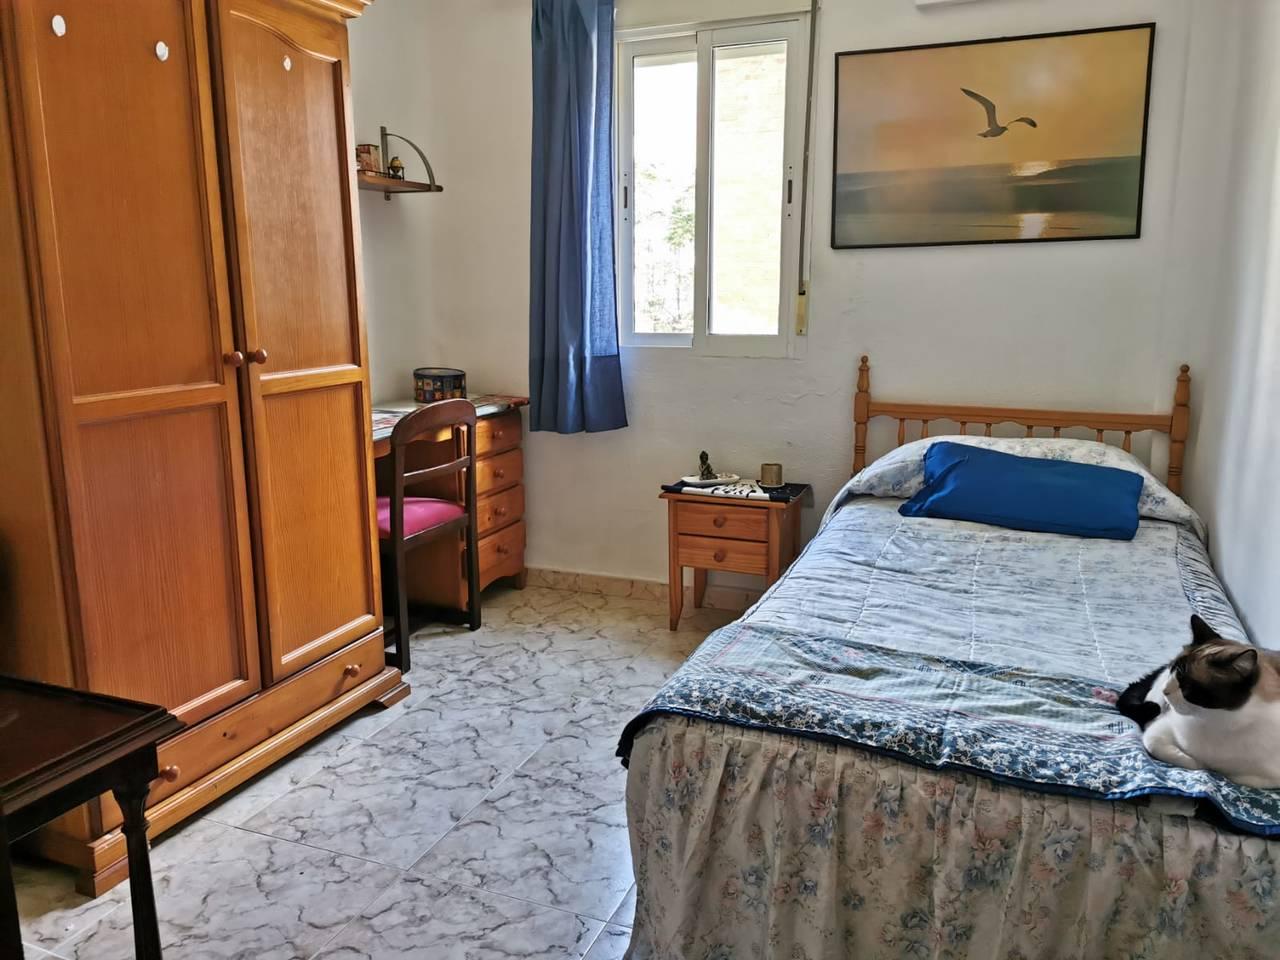 Habitación en Alquiler Zona Los Remedios  - Foto 1